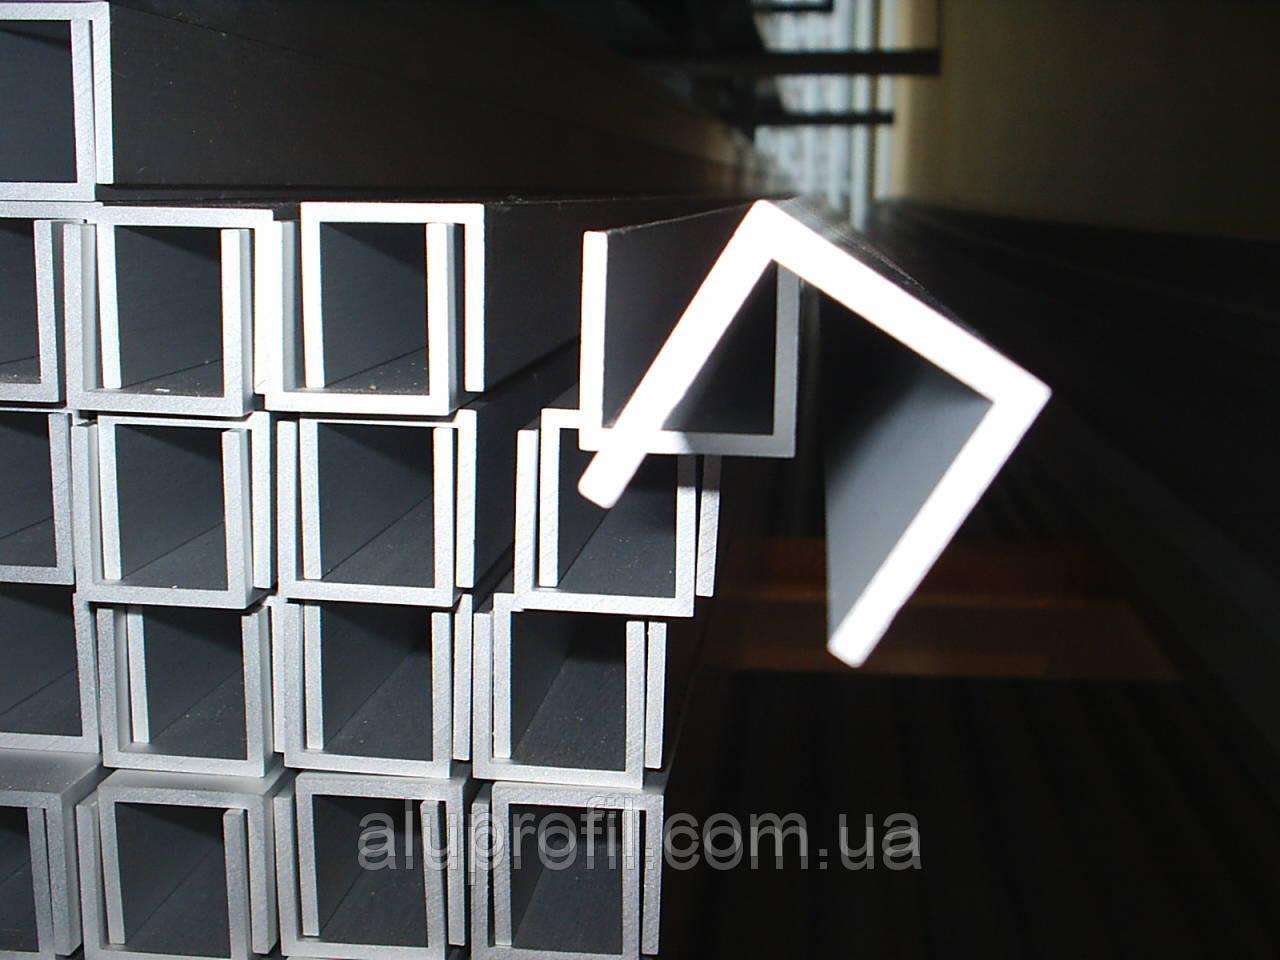 Алюминиевый профиль — п-образный алюминиевый профиль (швеллер) 20х20х2 AS